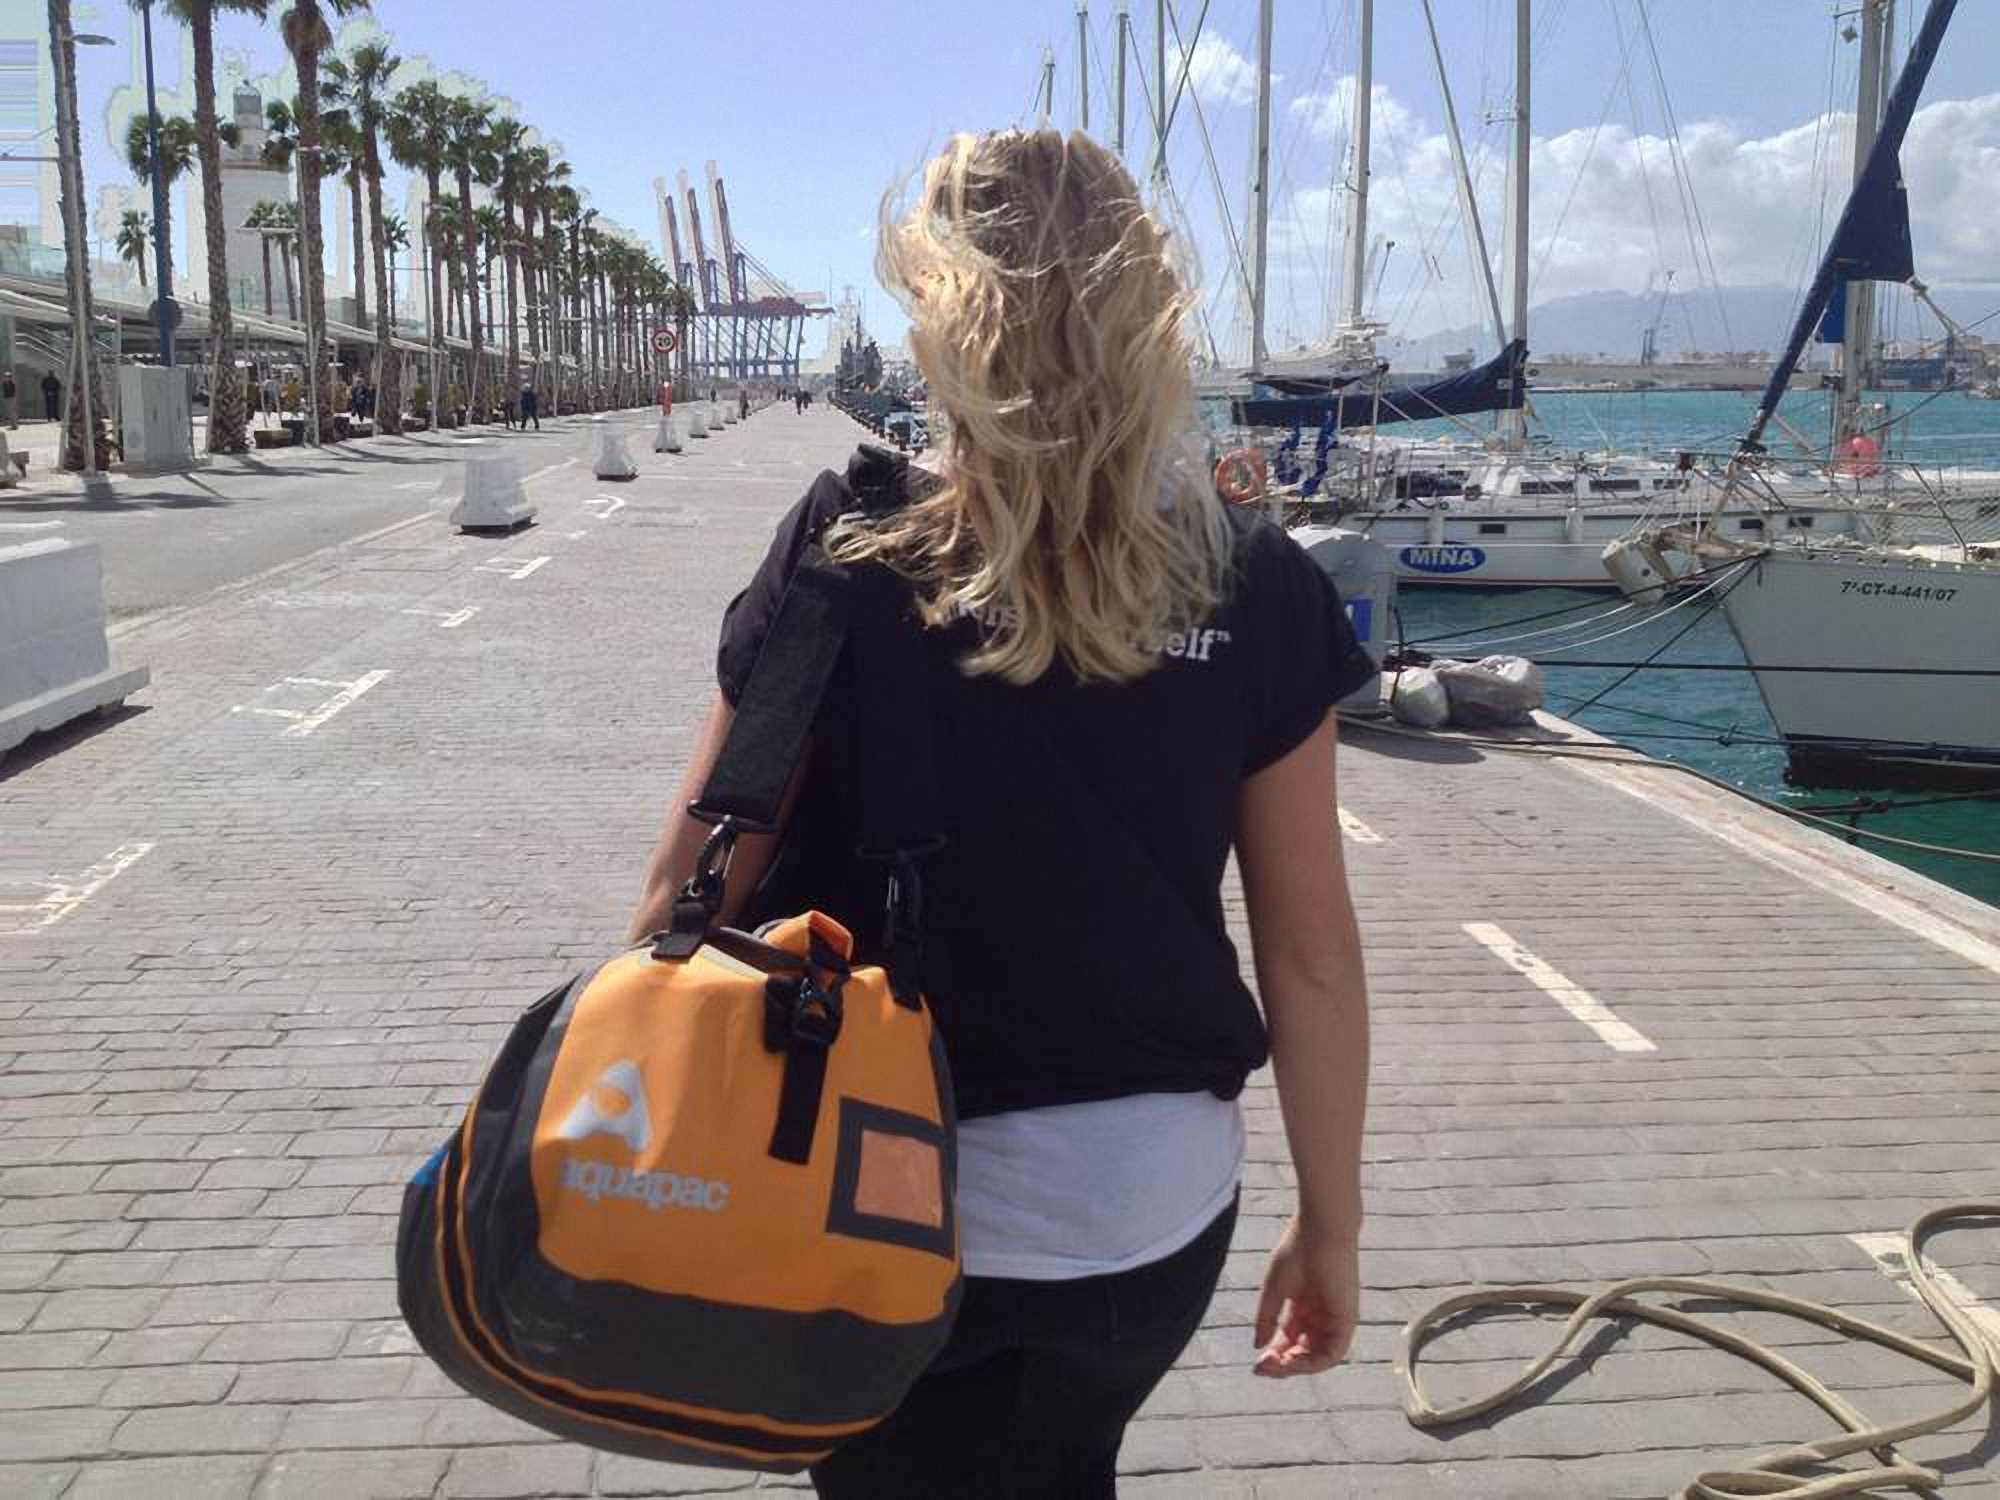 Водонепроницаемая сумка-рюкзак Aquapac 701 - Upano Waterproof Duffel - 40L.. Aquapac - №1 в мире водонепроницаемых чехлов и сумок. Фото 12